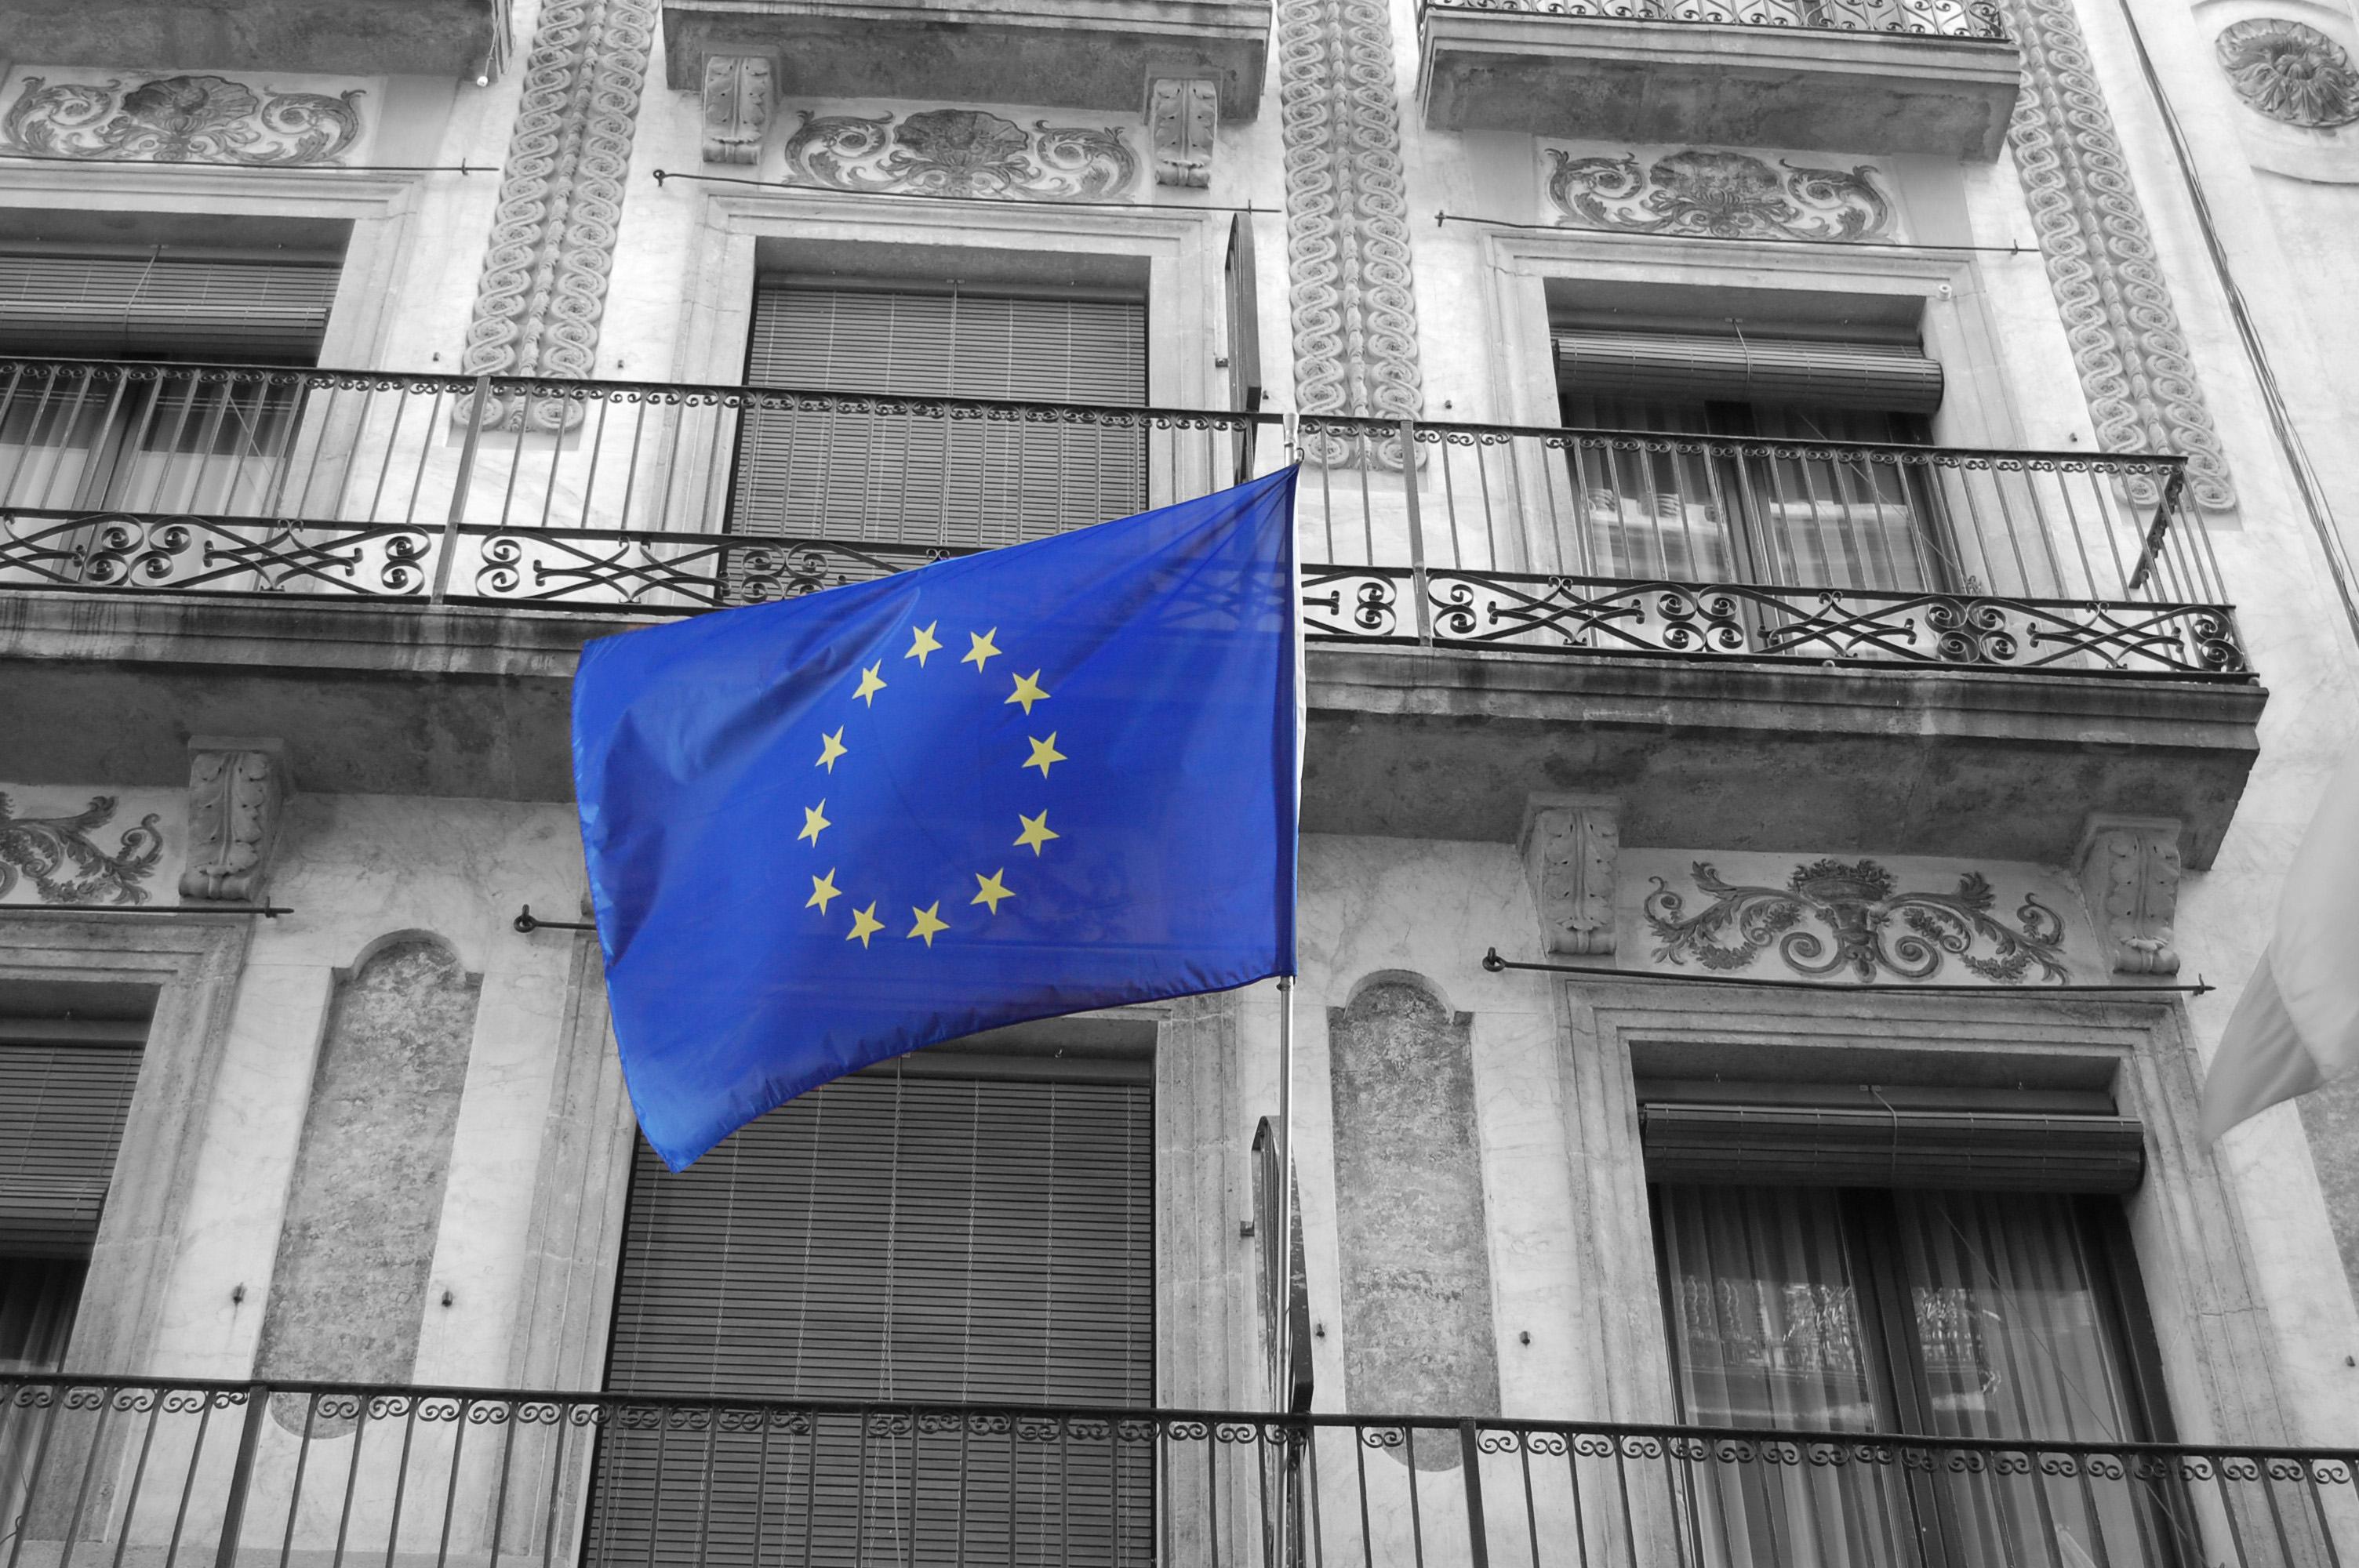 Three quarters of SMEs oppose EU exit